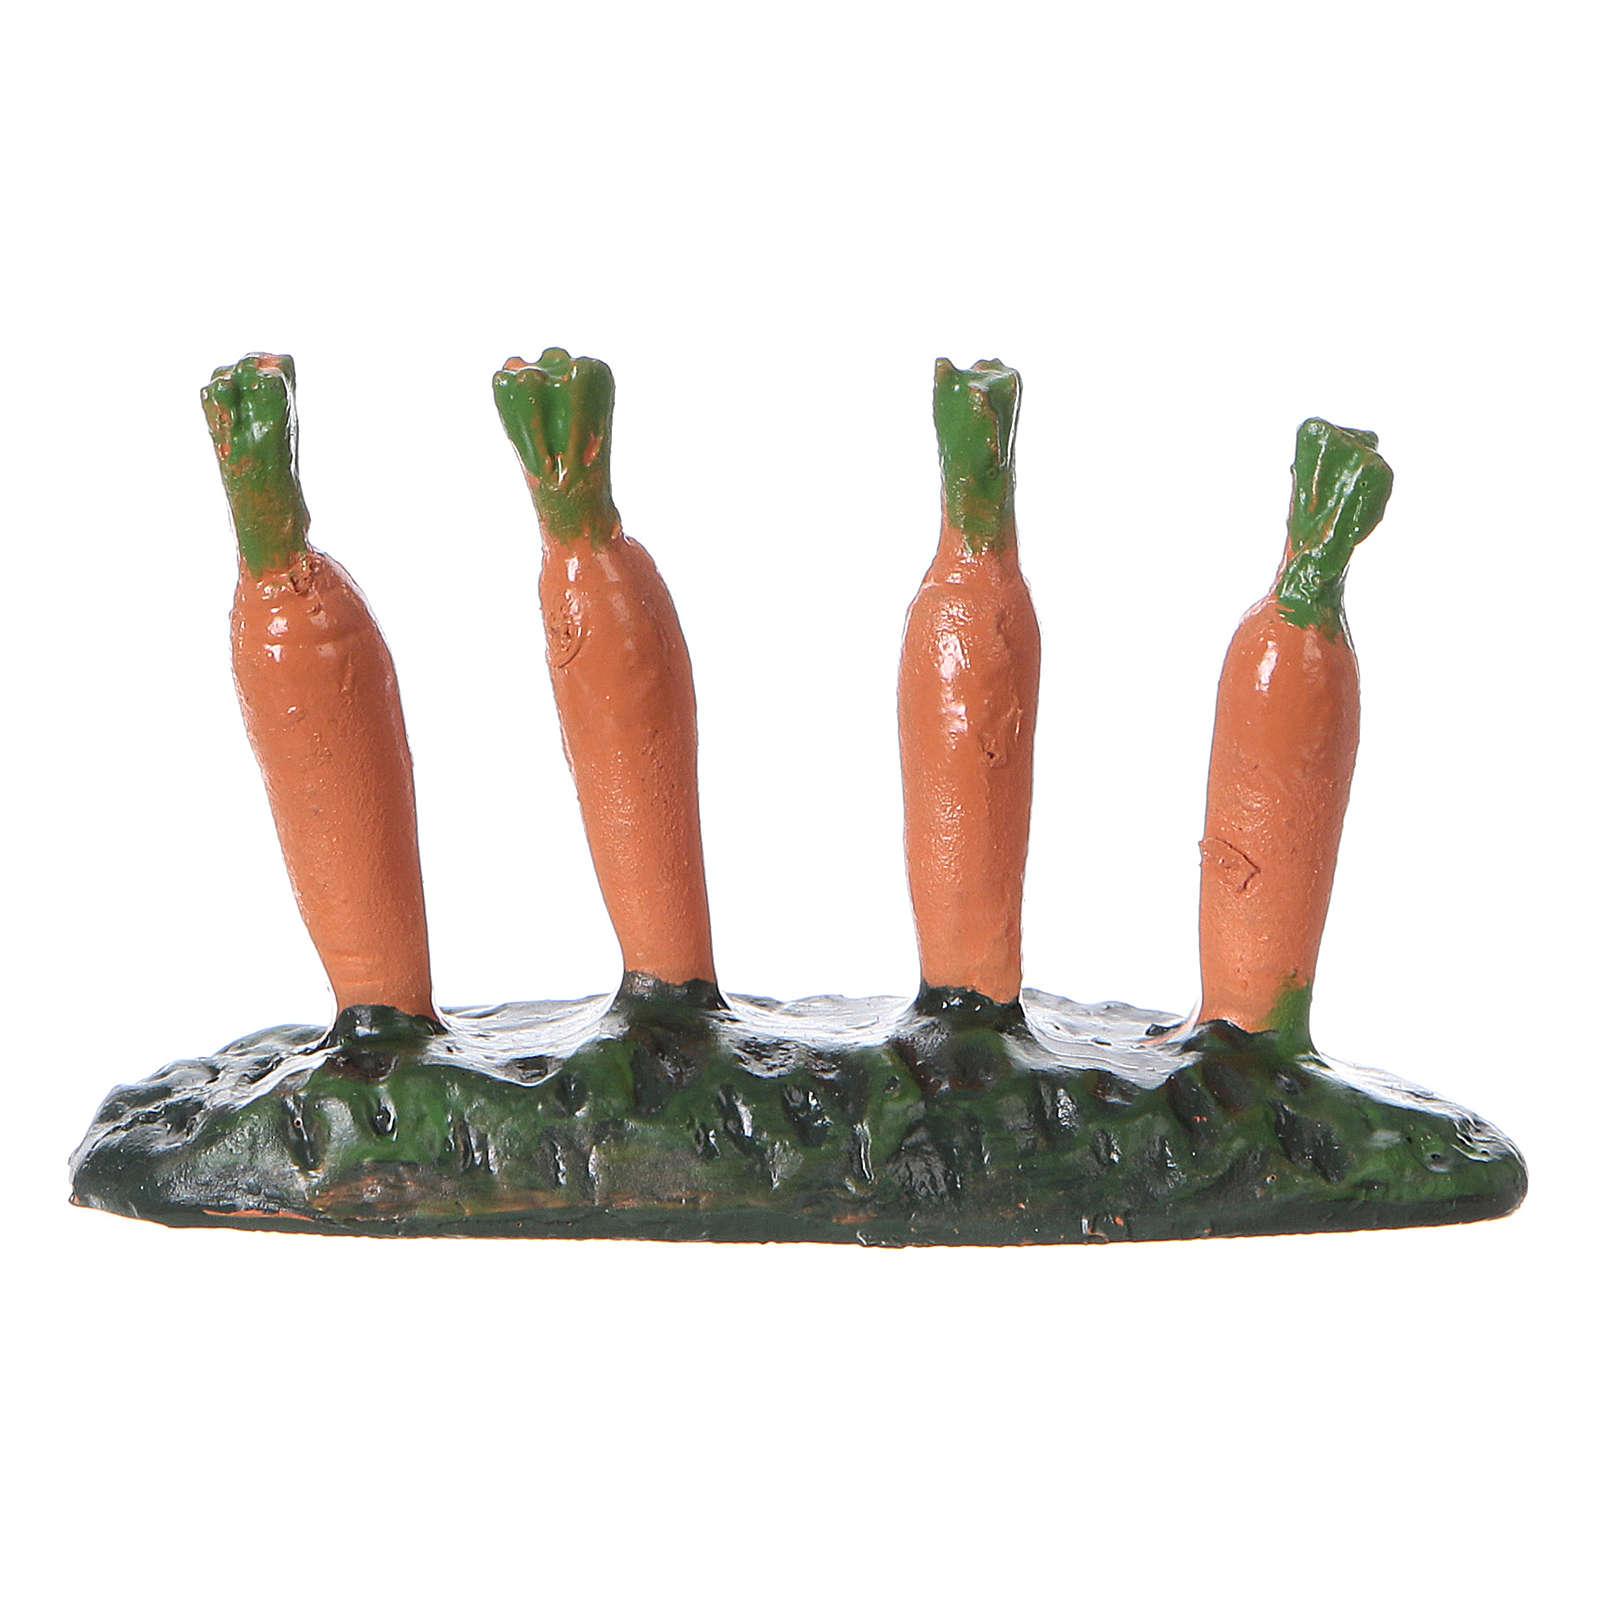 Row of carrots for vegetable garden 5x5x5 cm for Nativity scene 7 cm 4